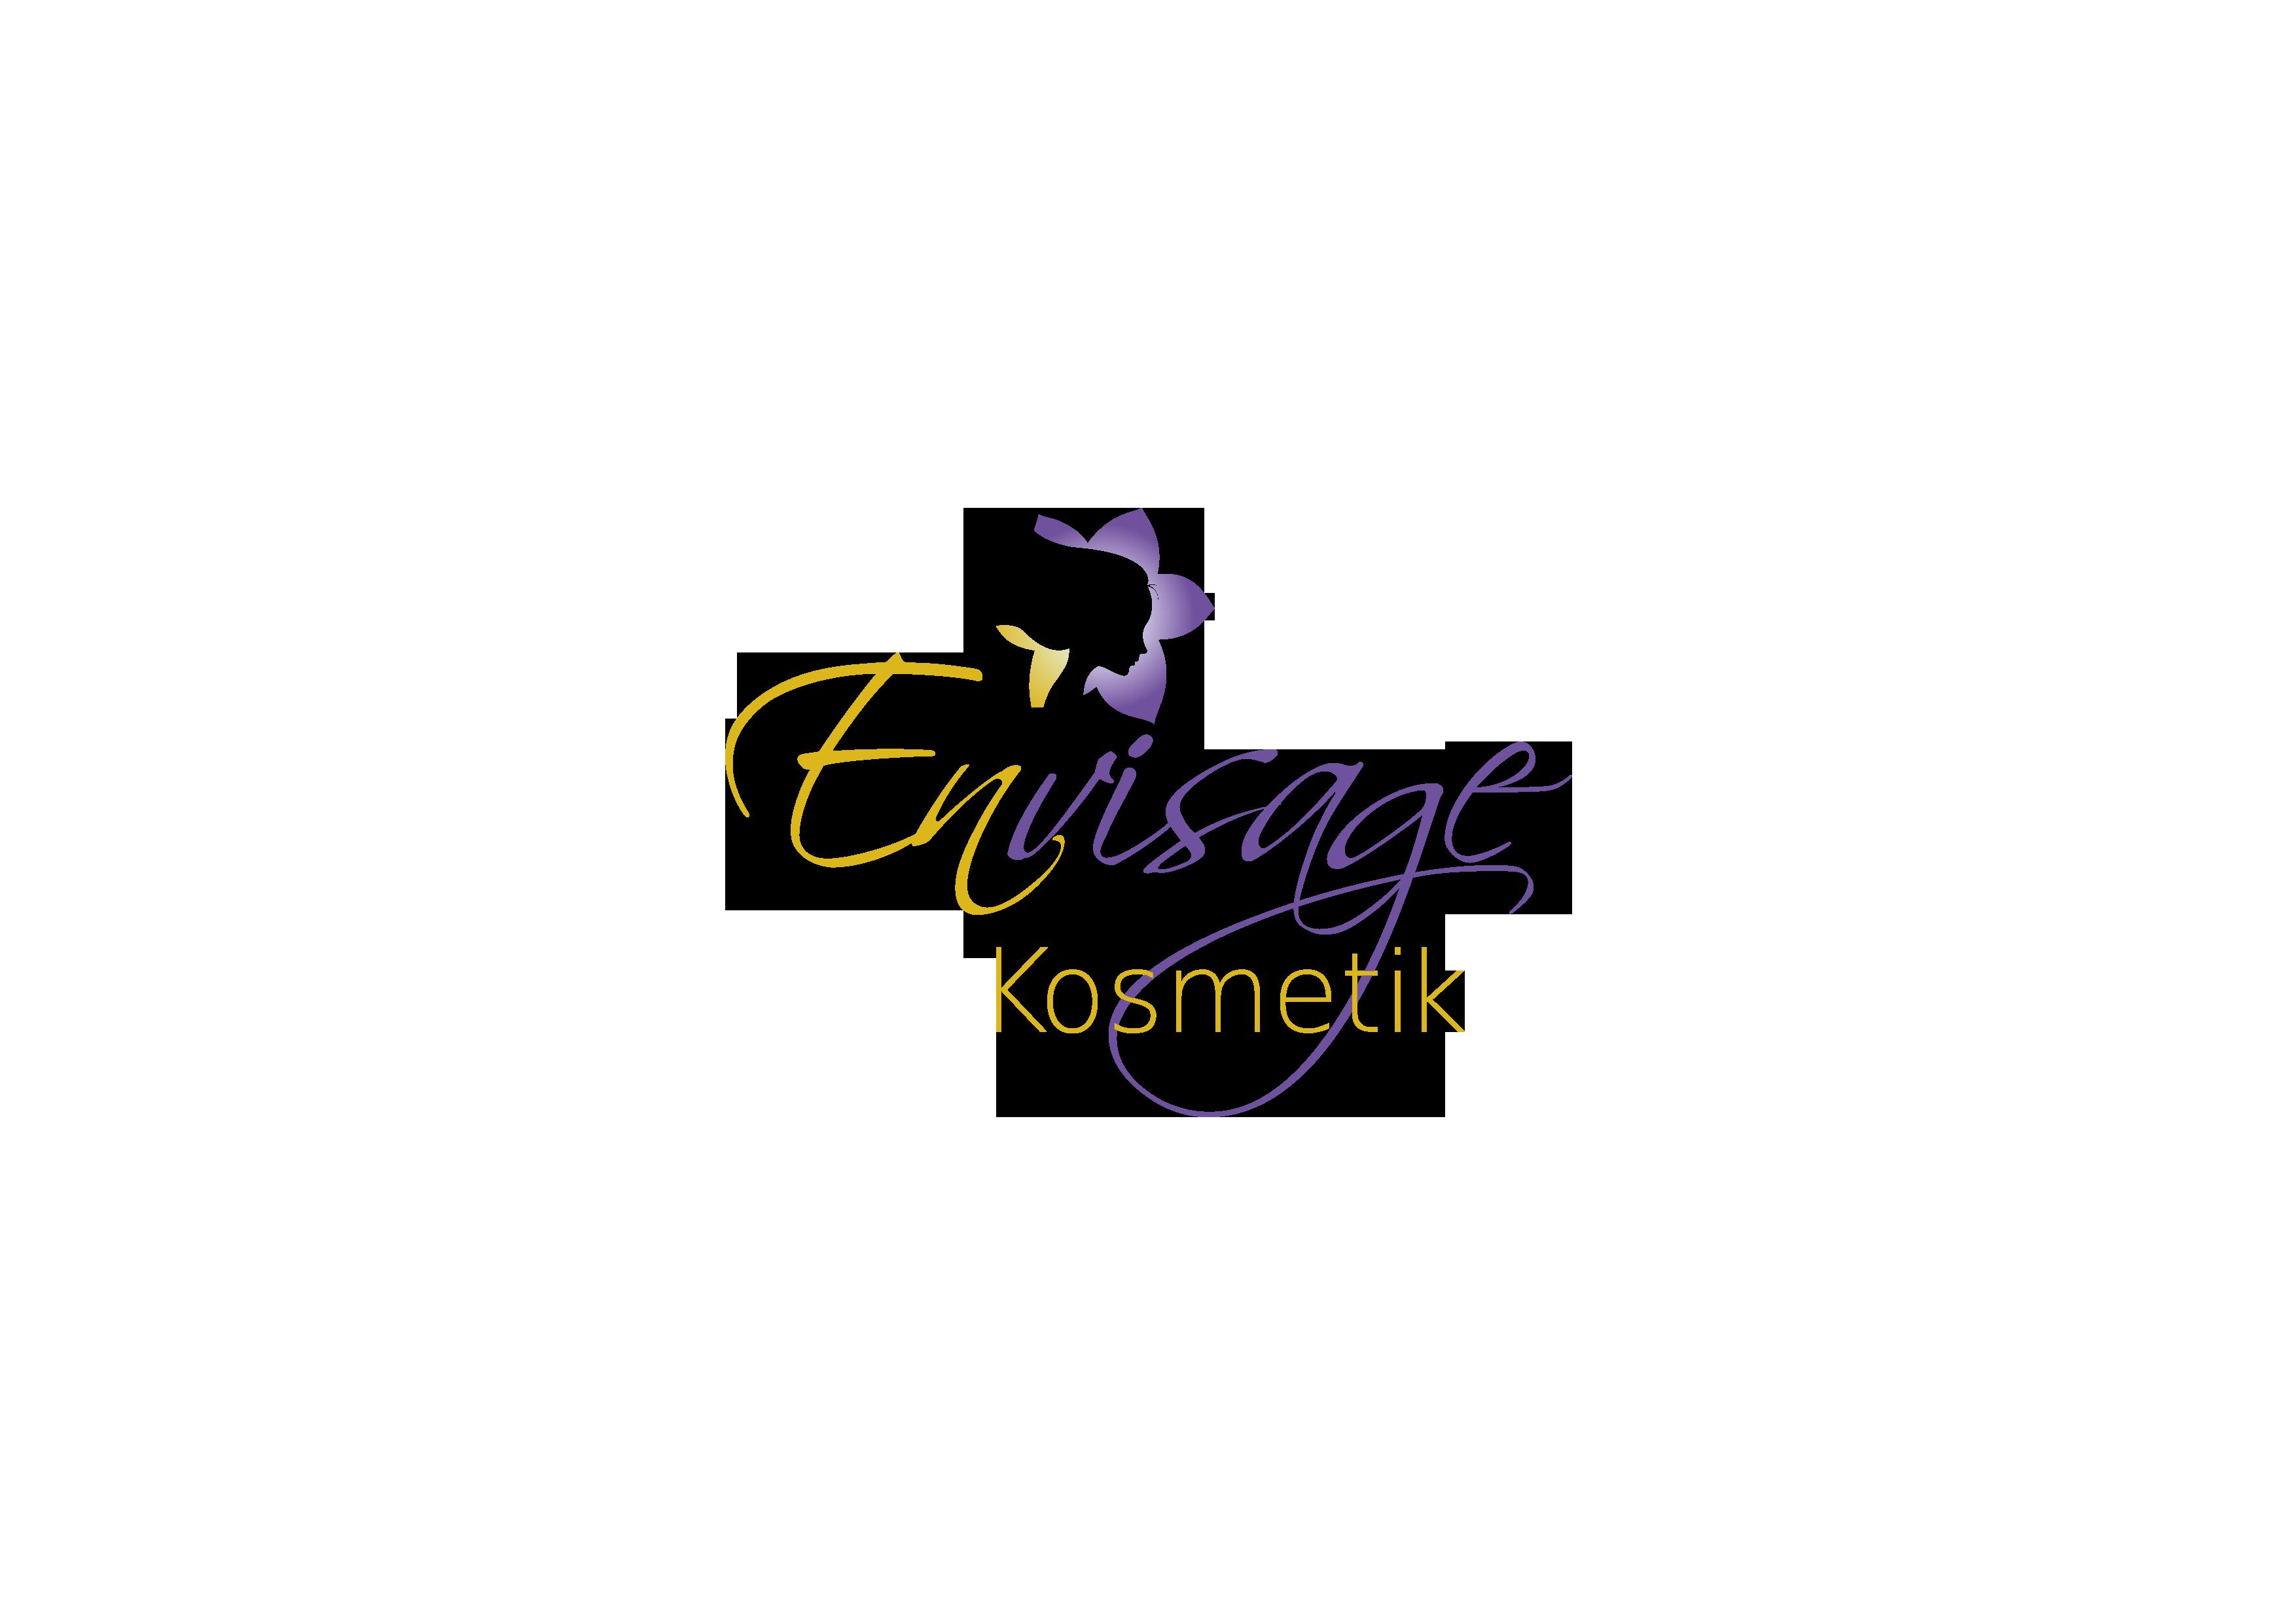 Envisage - Mobile Kosmetik Fusspflege